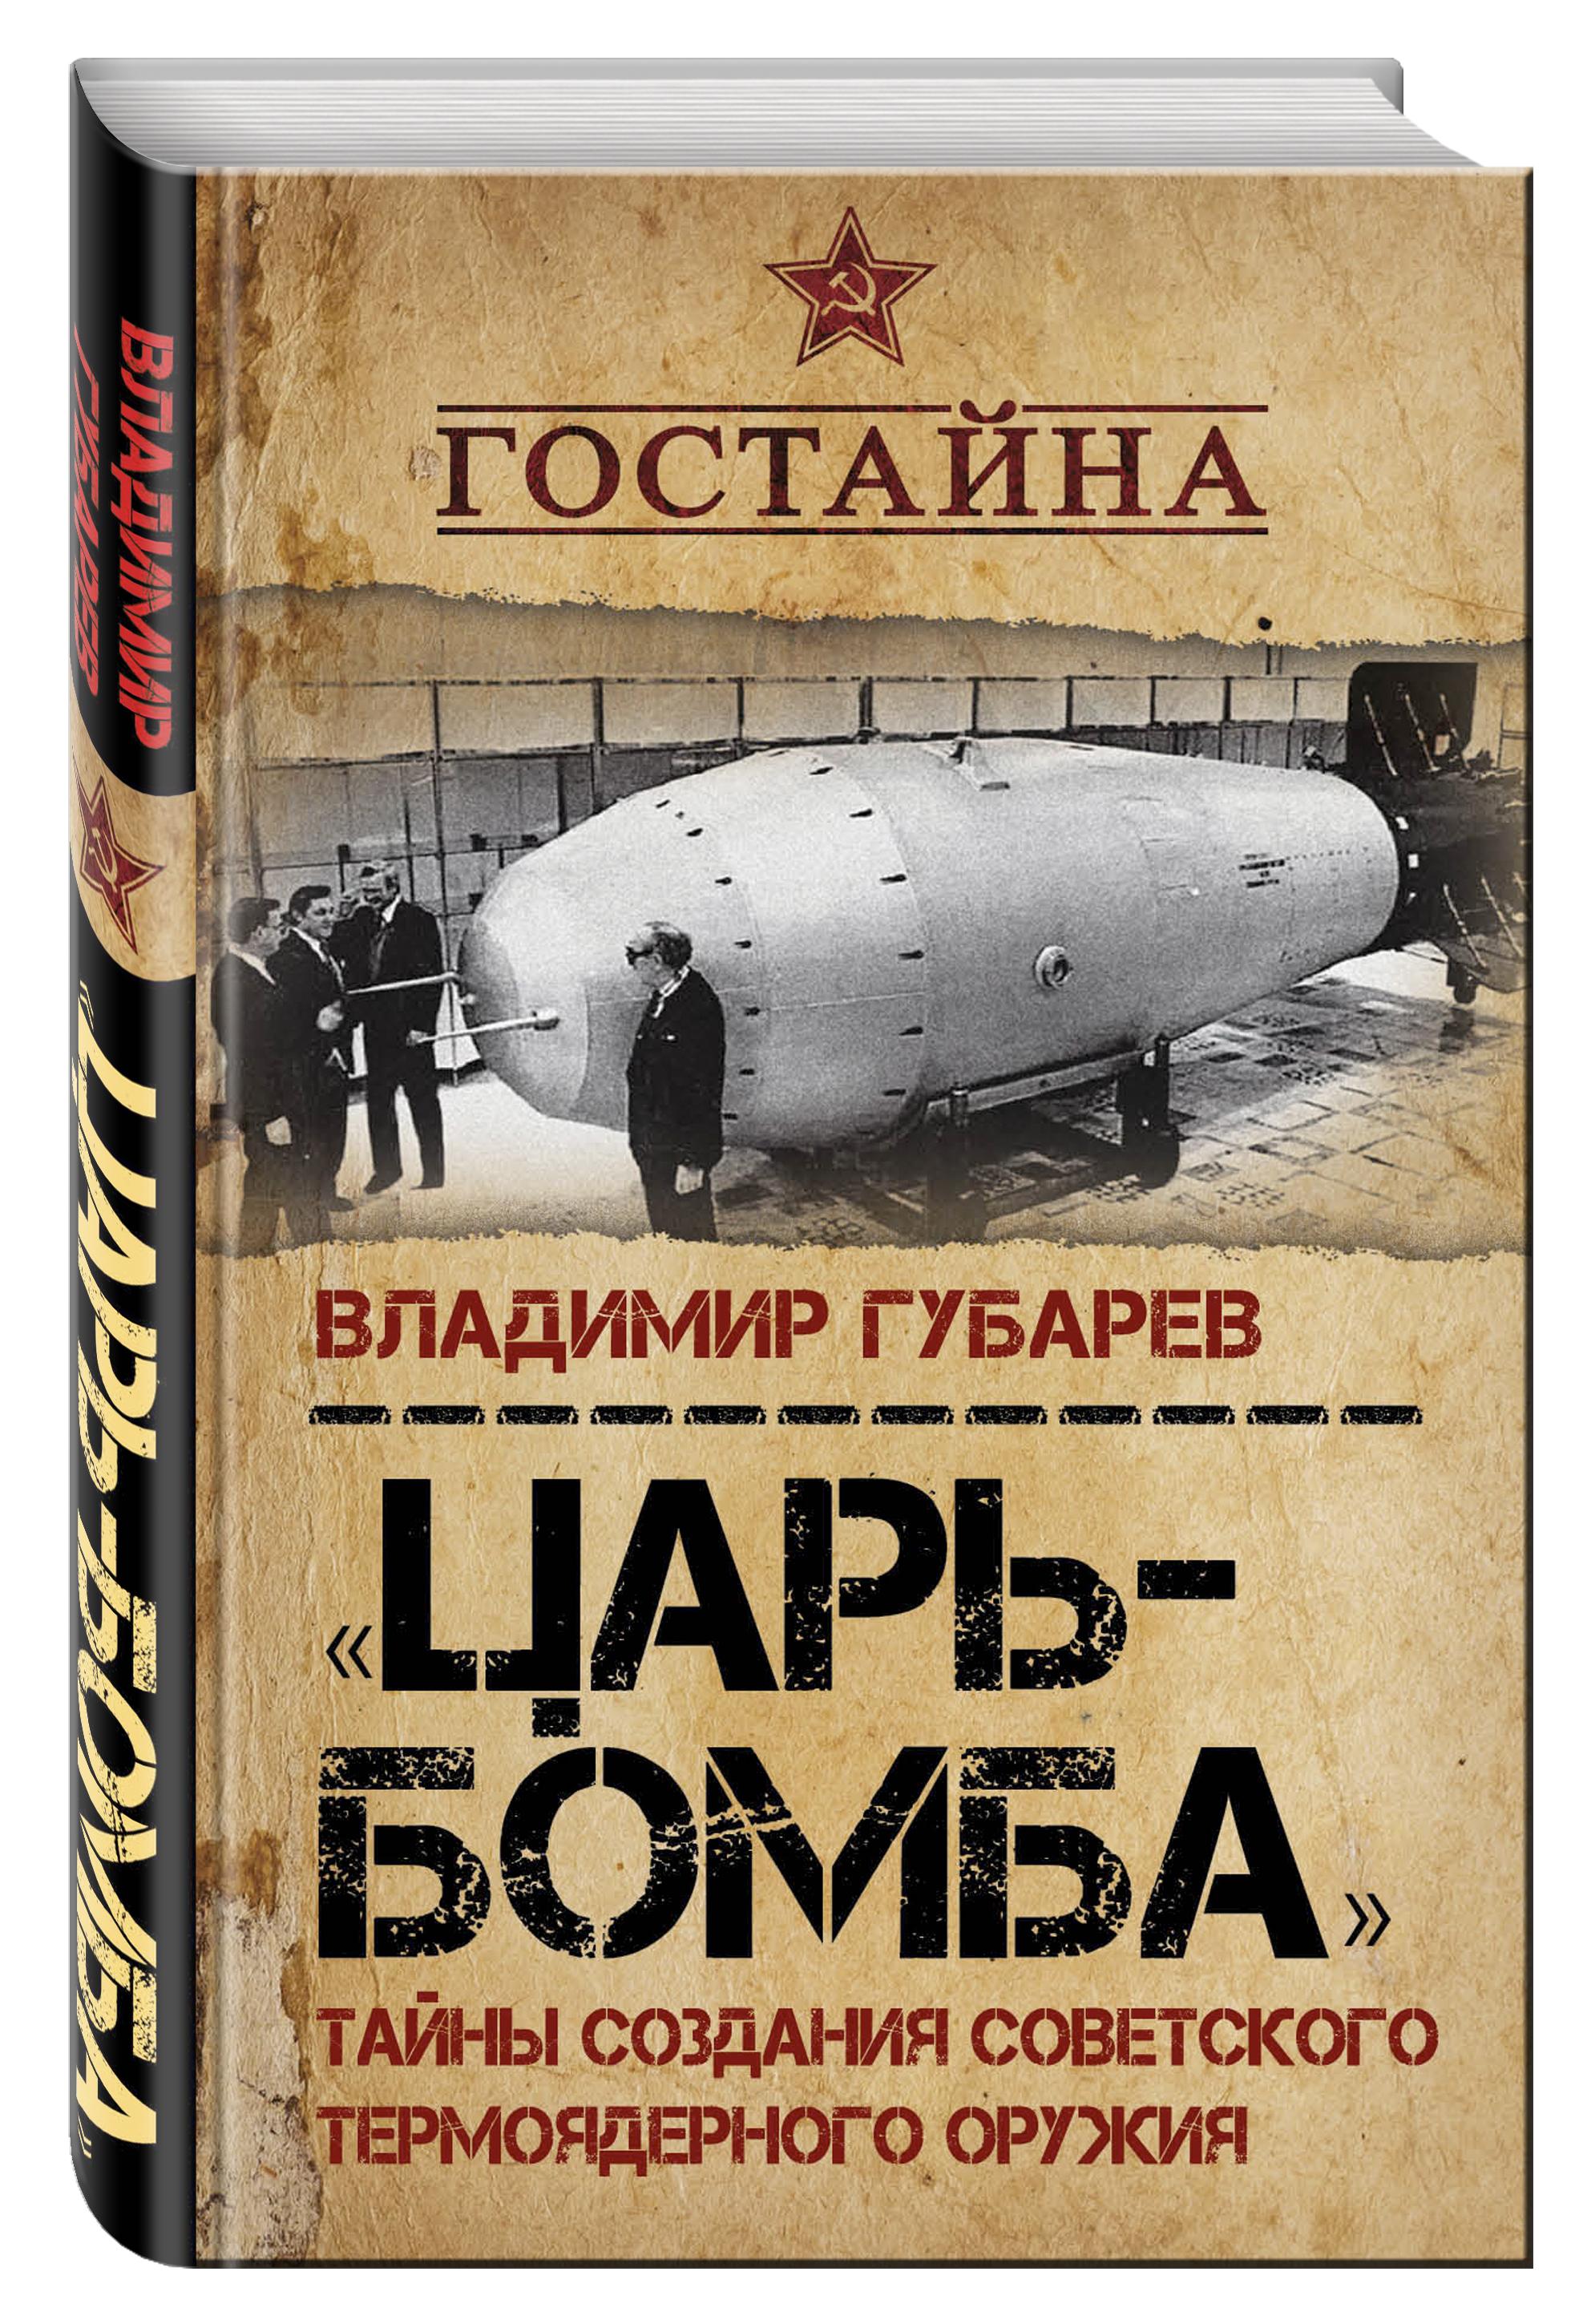 Губарев В.С. «Царь‐бомба». Тайны создания советского термоядерного оружия